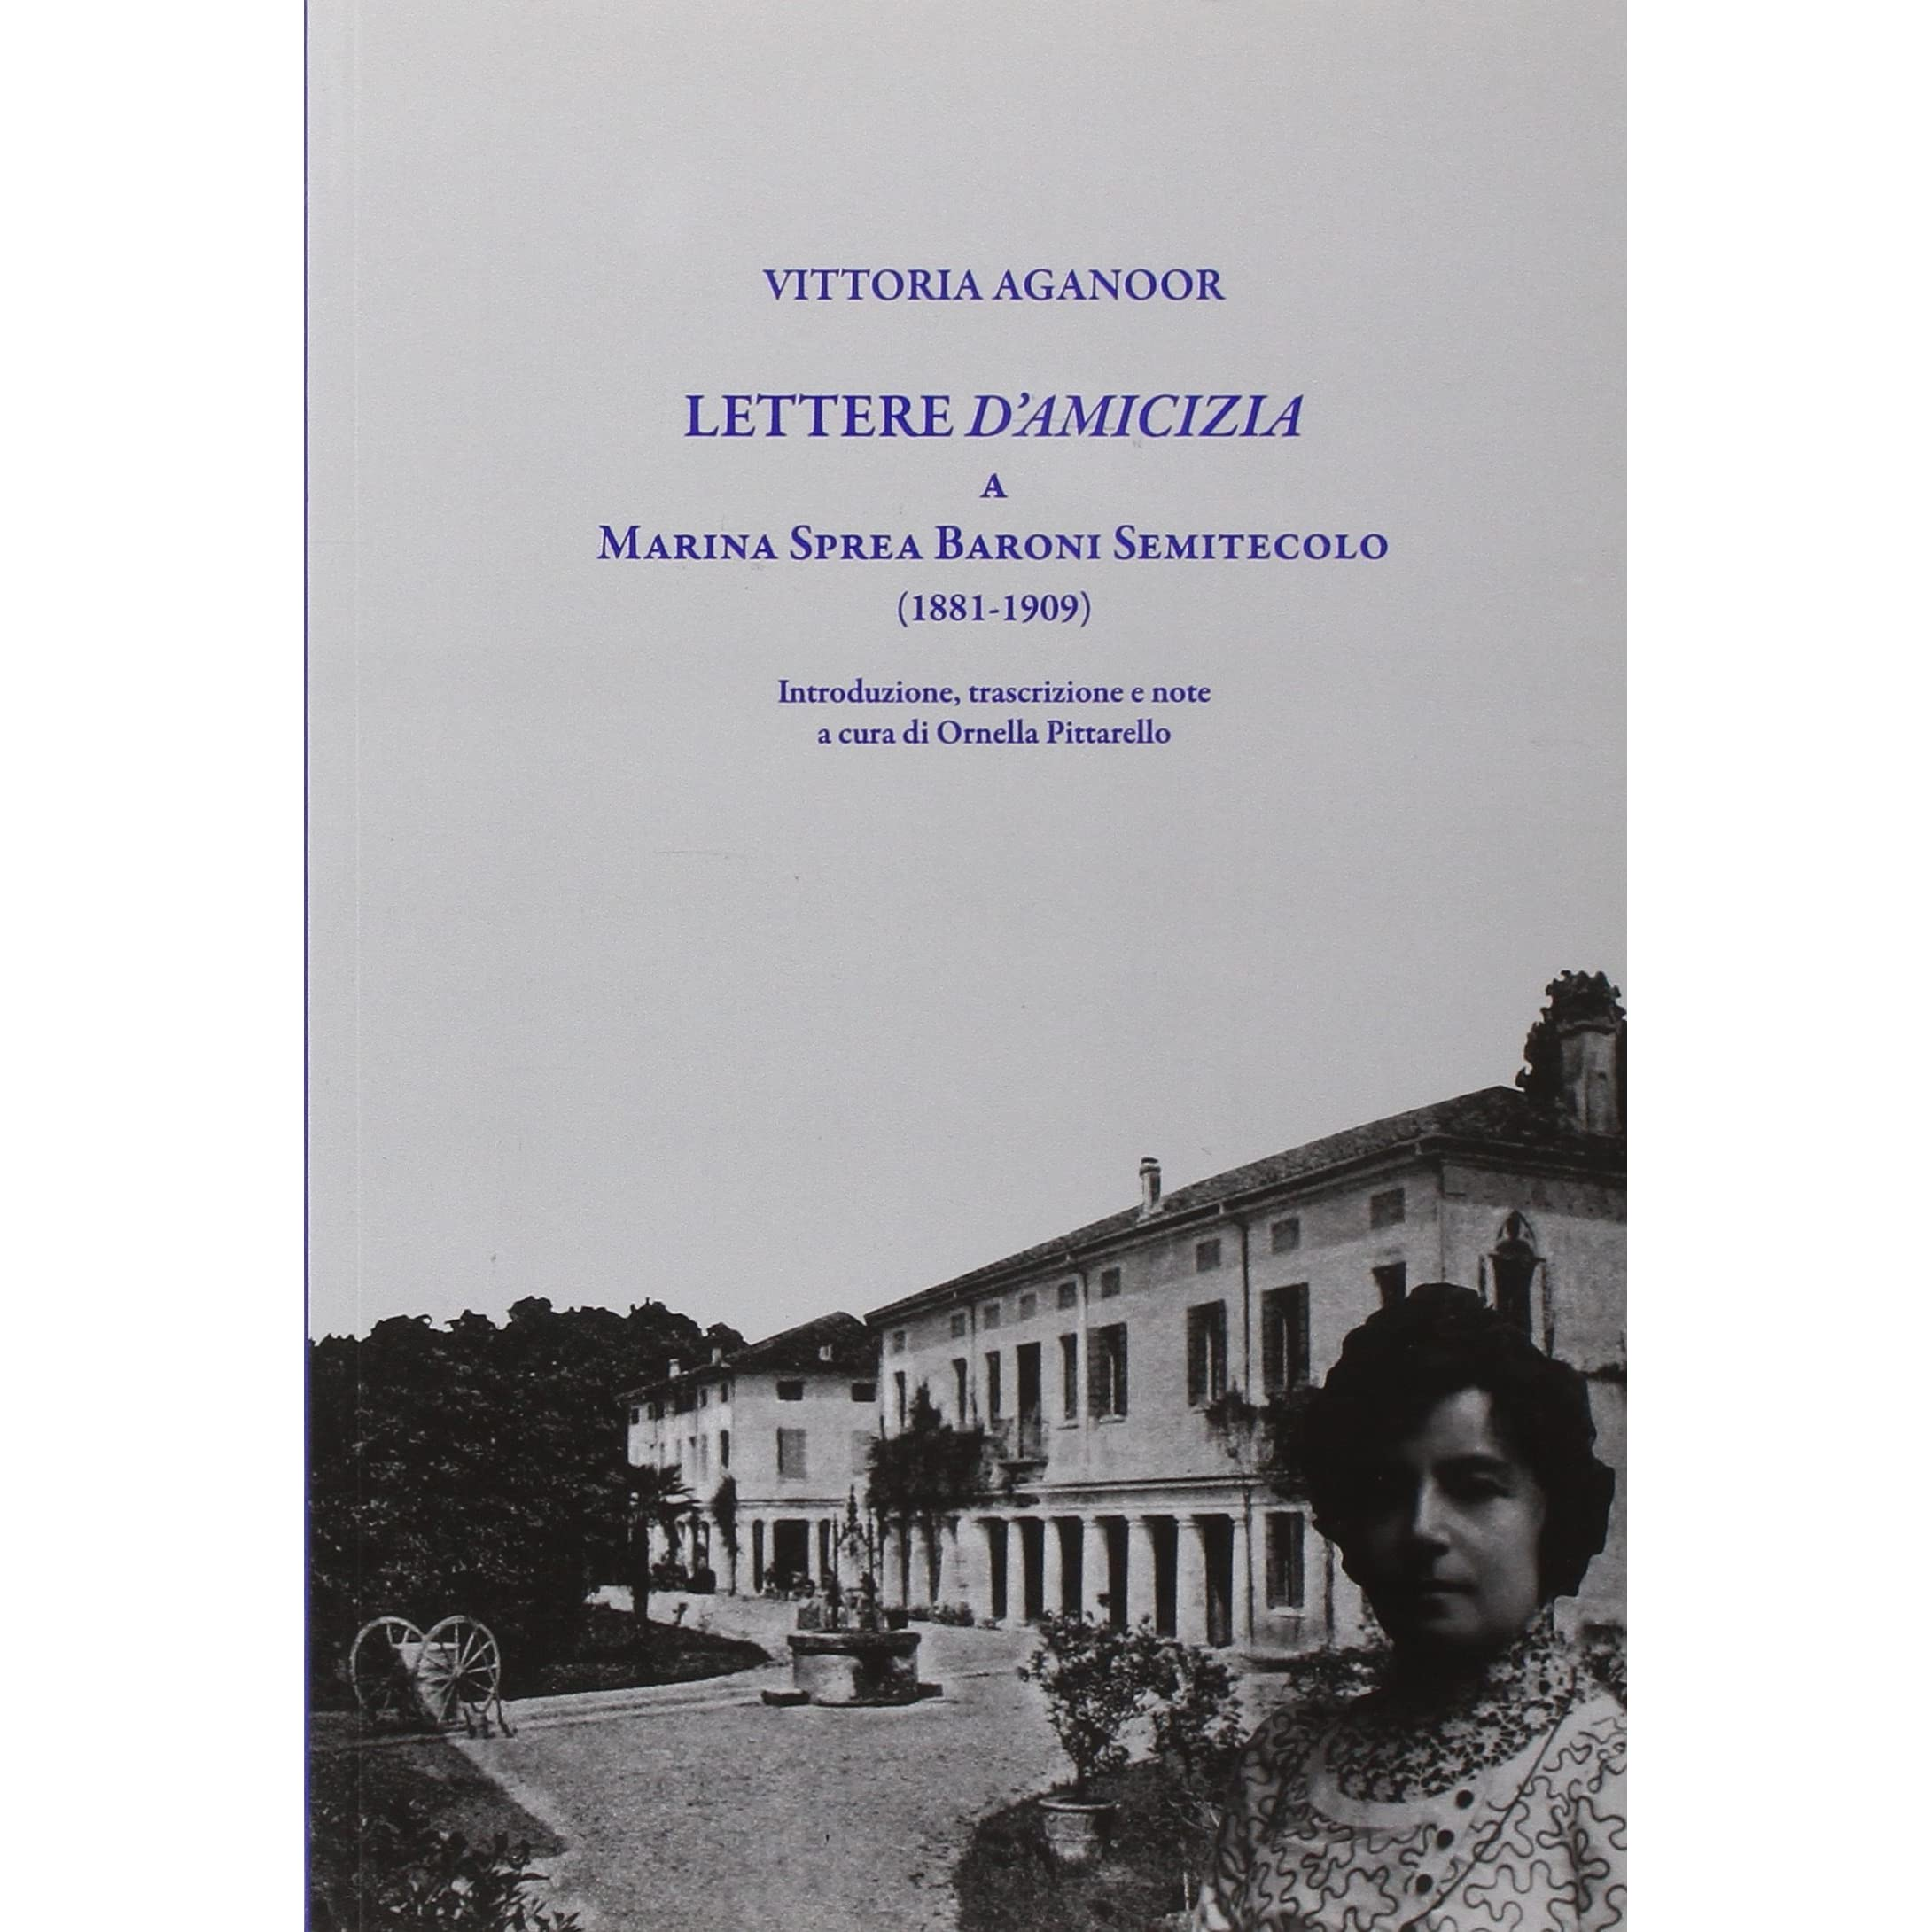 Lettere d'amicizia a Marina Sprea Baroni by Vittoria Aganoor